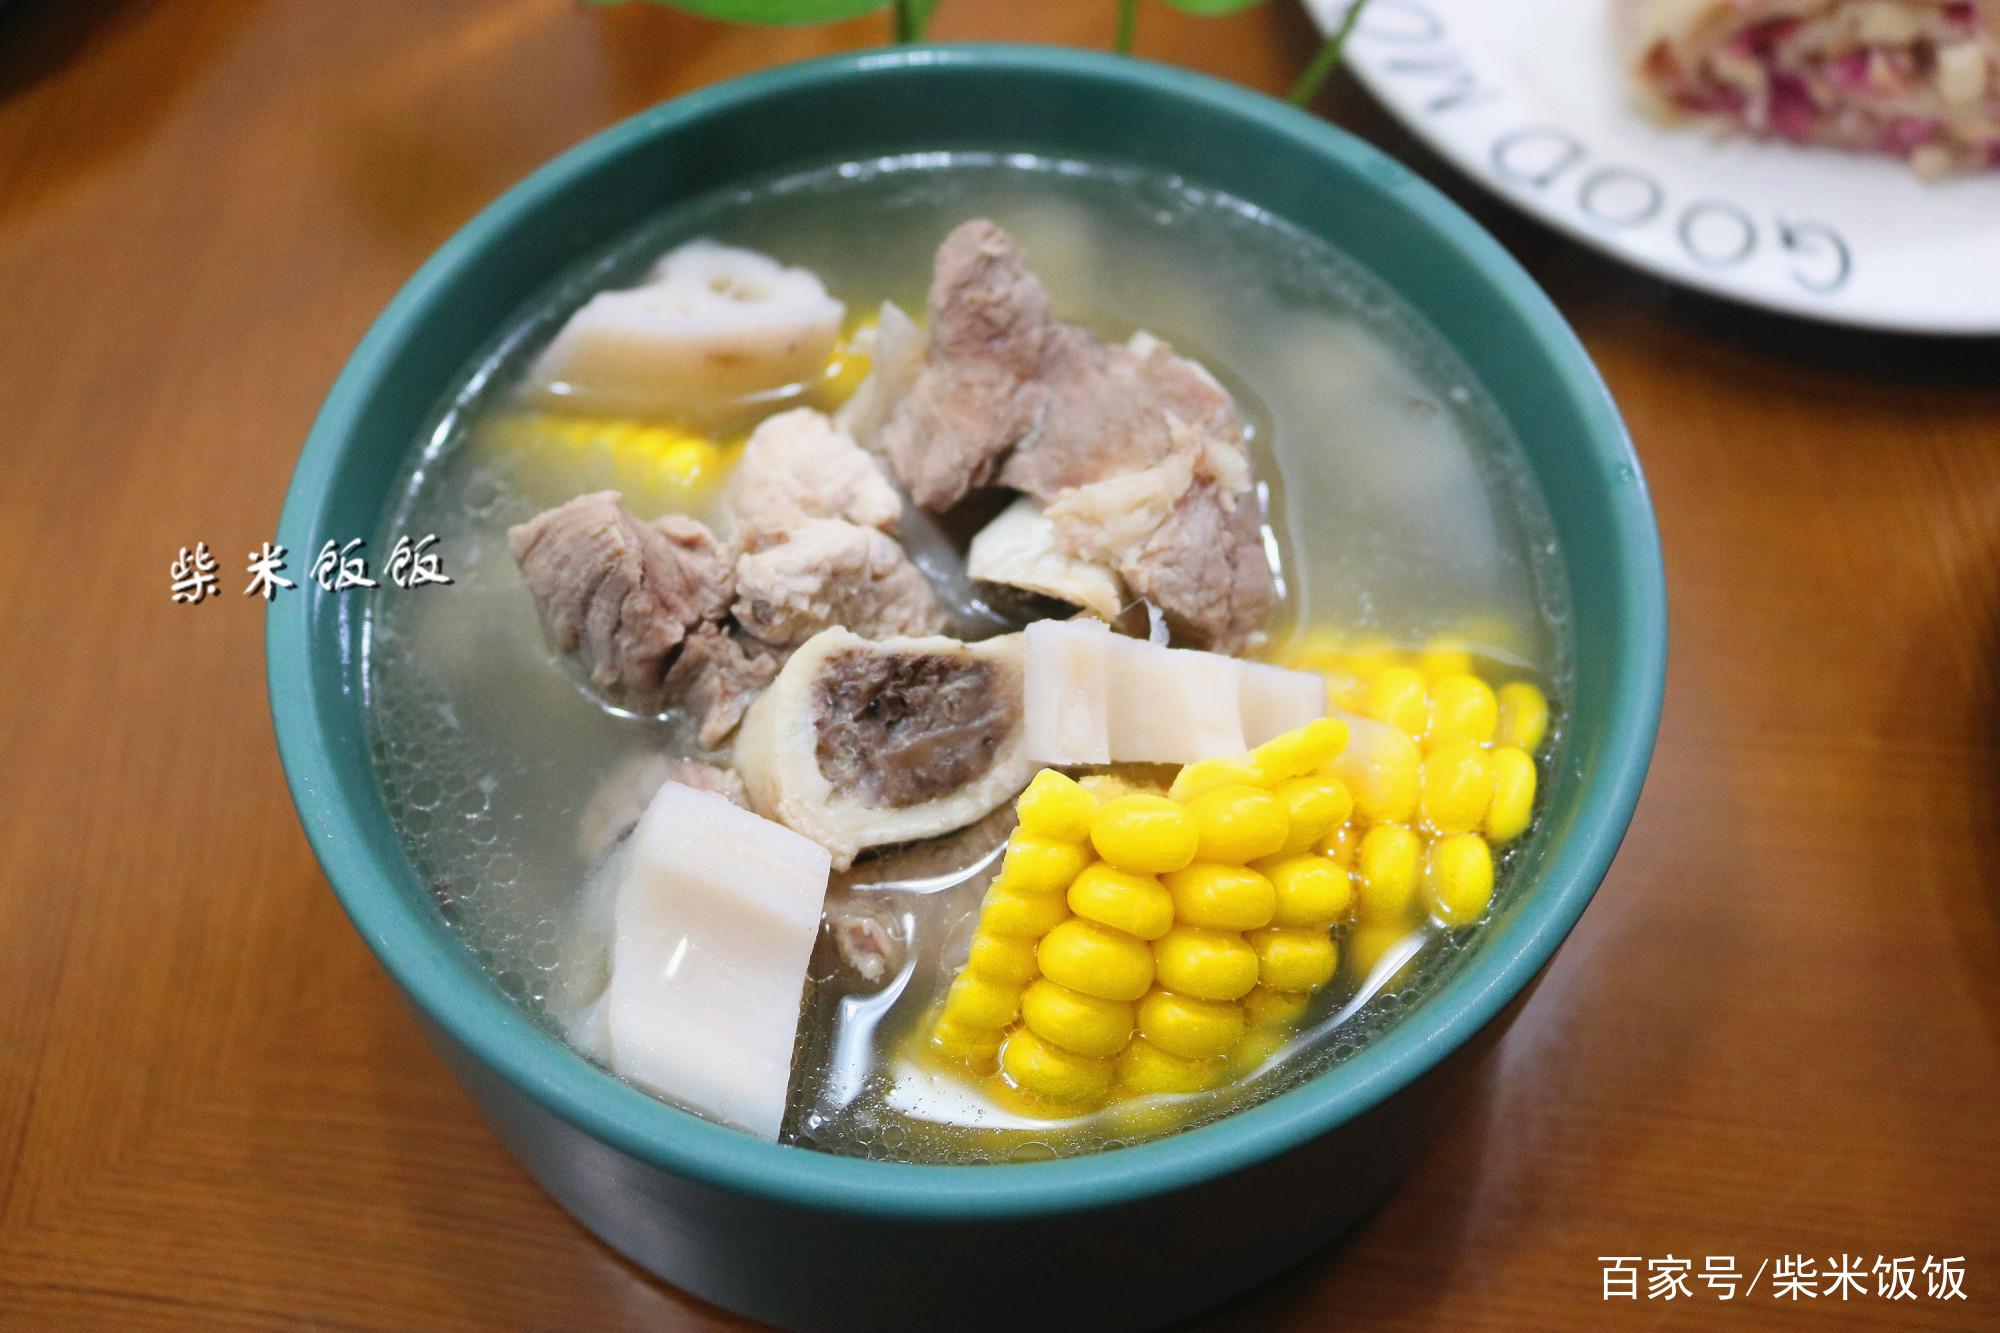 <b>10月天凉,这汤要多喝!3种食材搭配,滋润营养,再贵也别省</b>